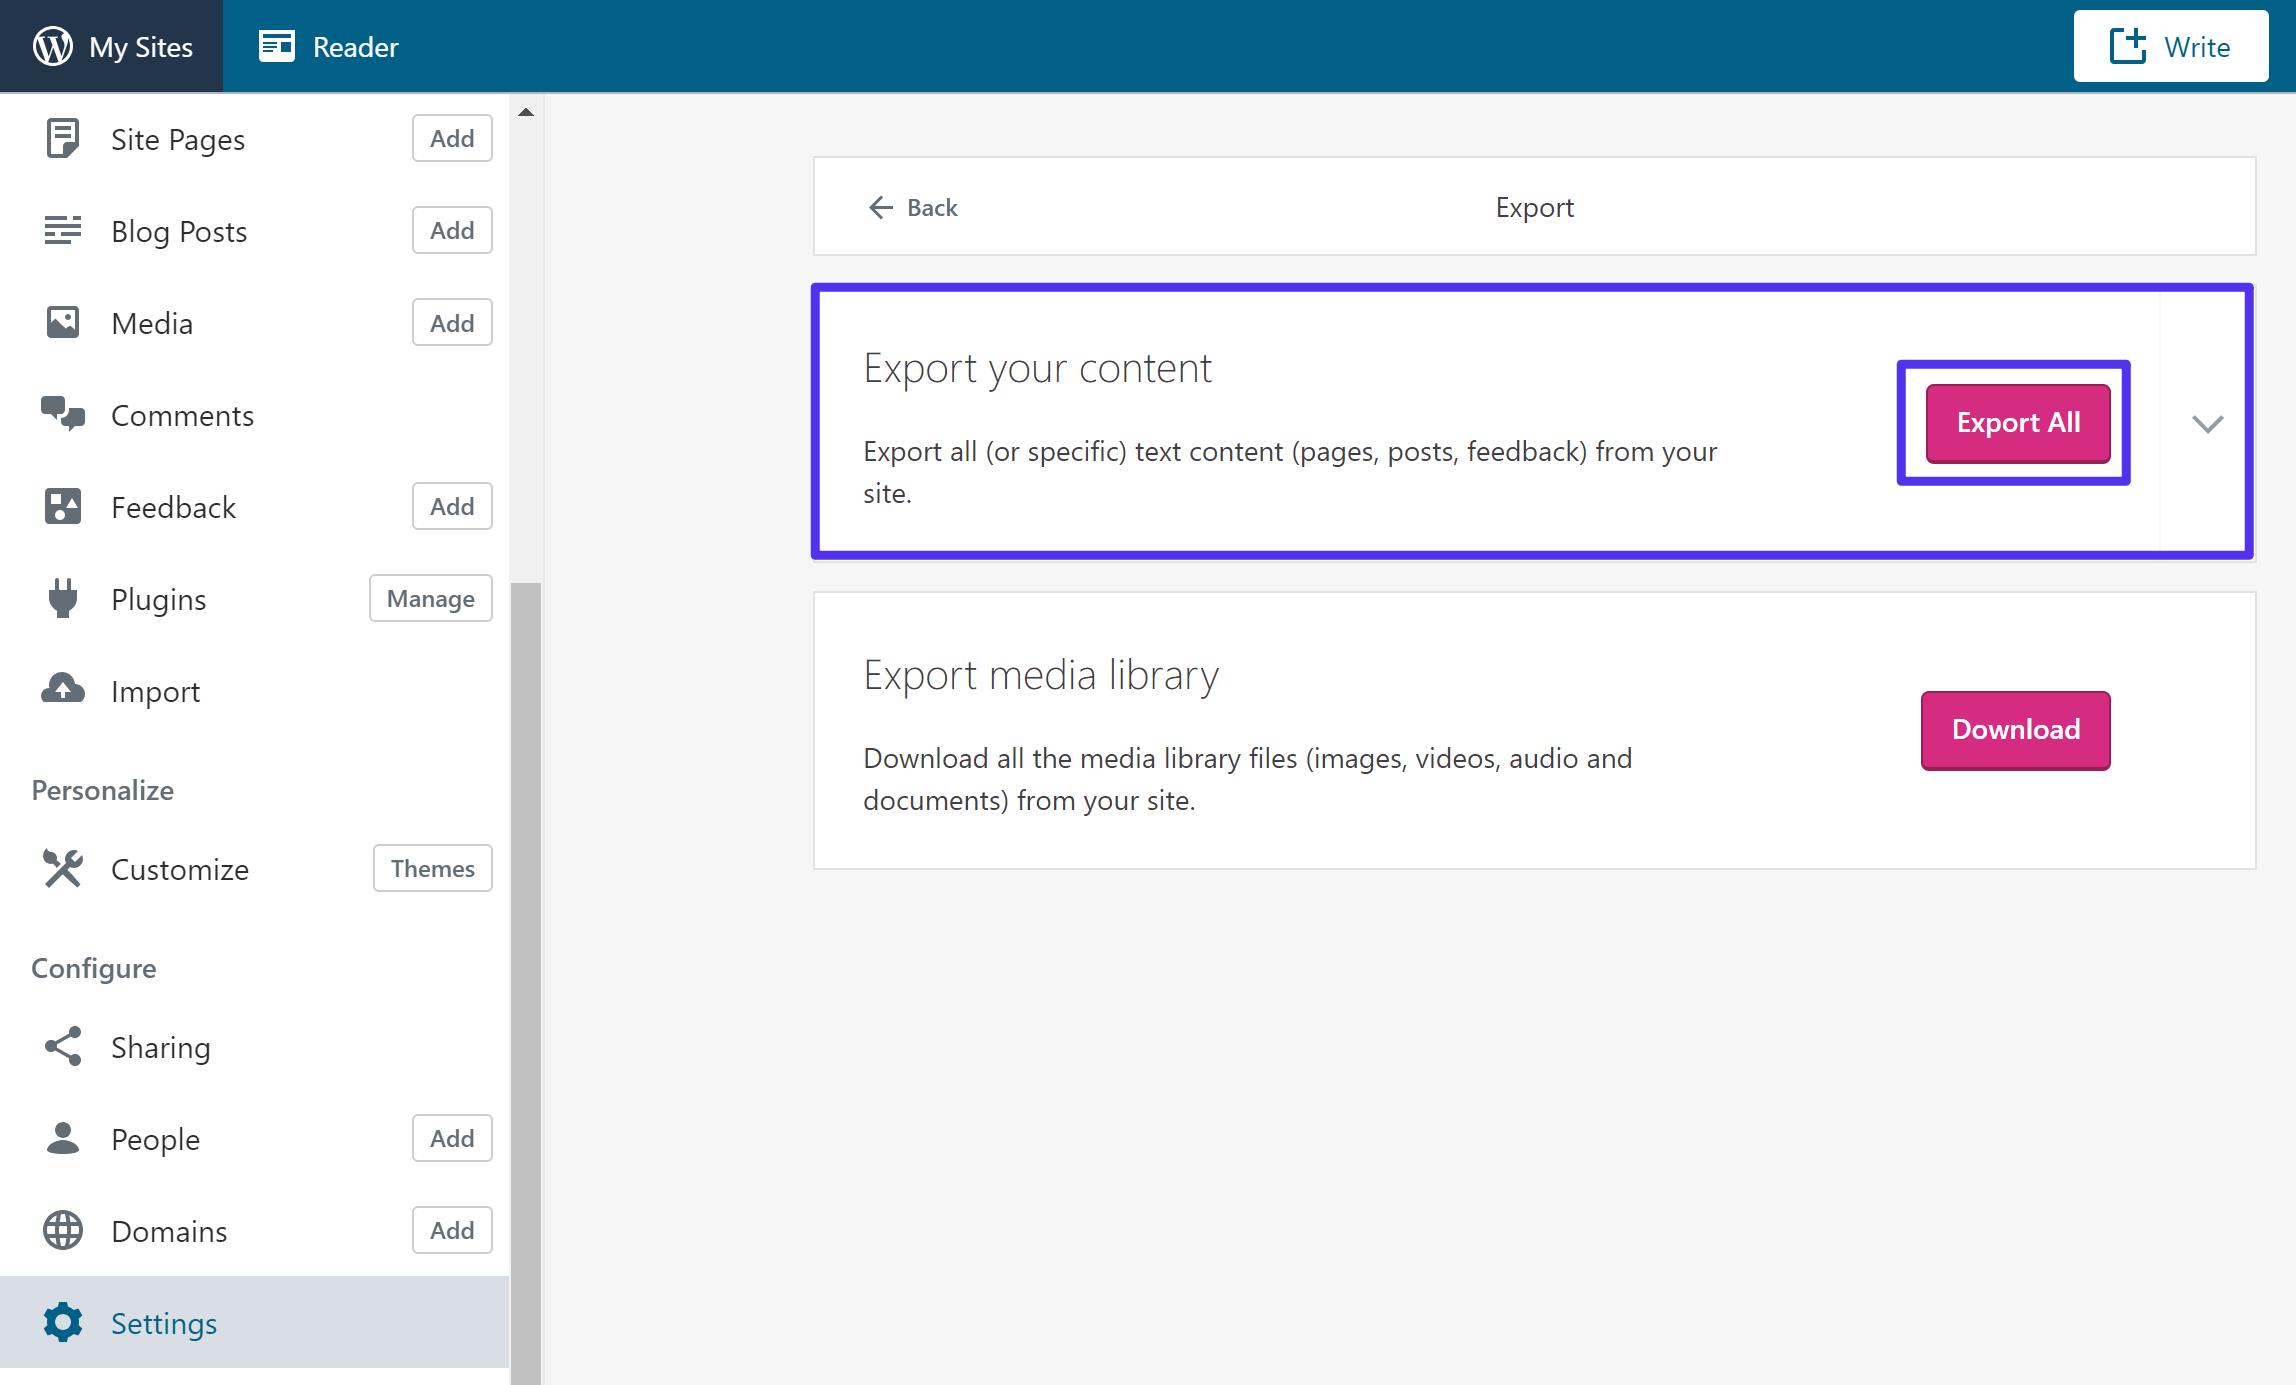 Exportiere Deine Inhalte von WordPress.com